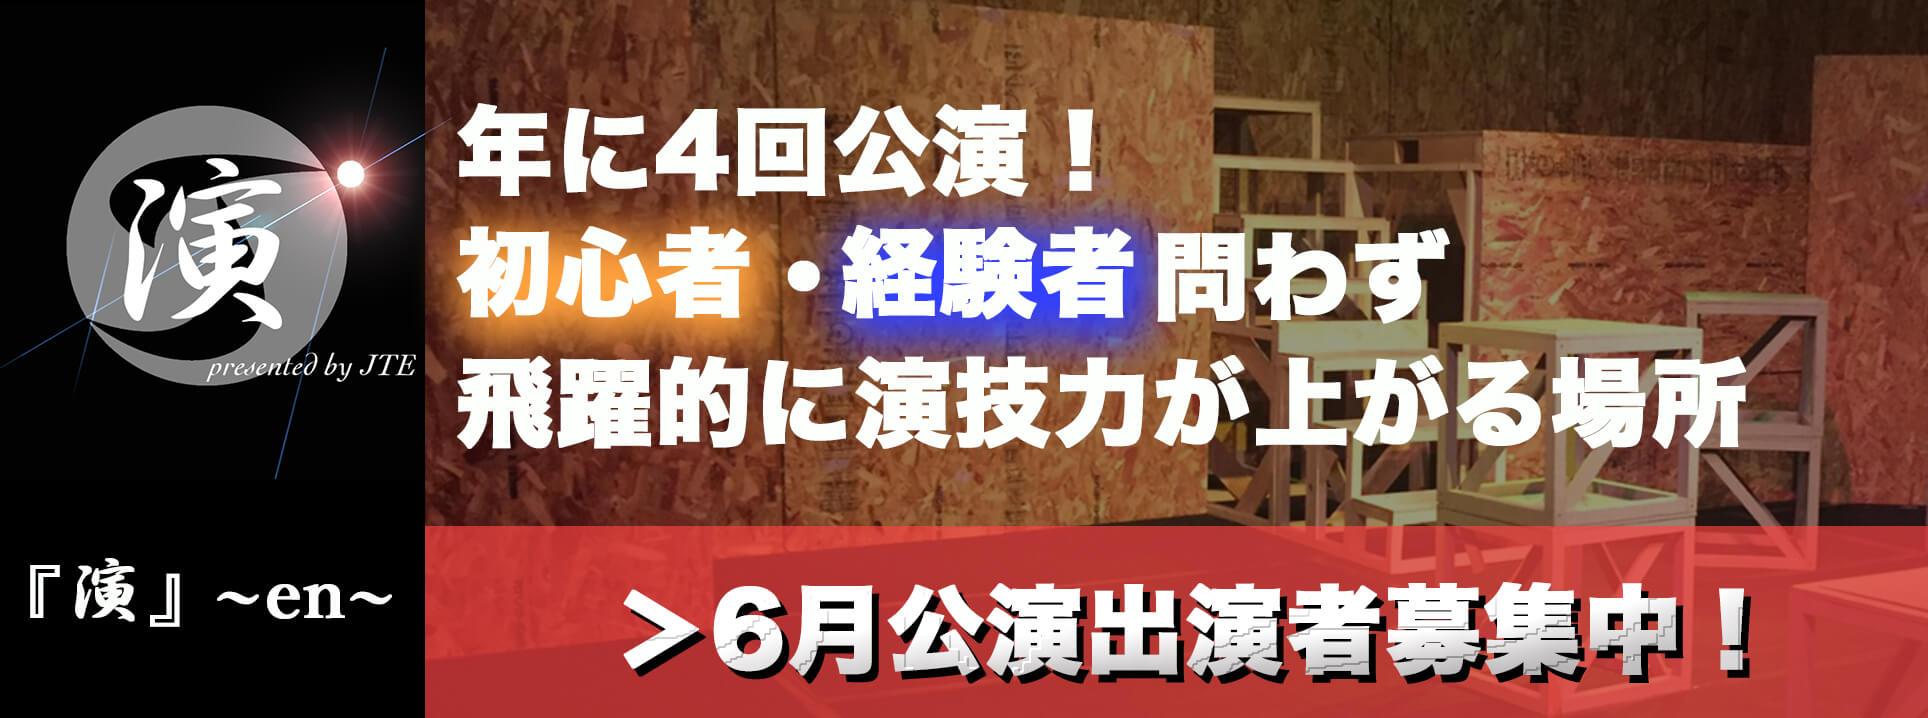 舞台『演』~en~ Vol,2 出演者大募集!